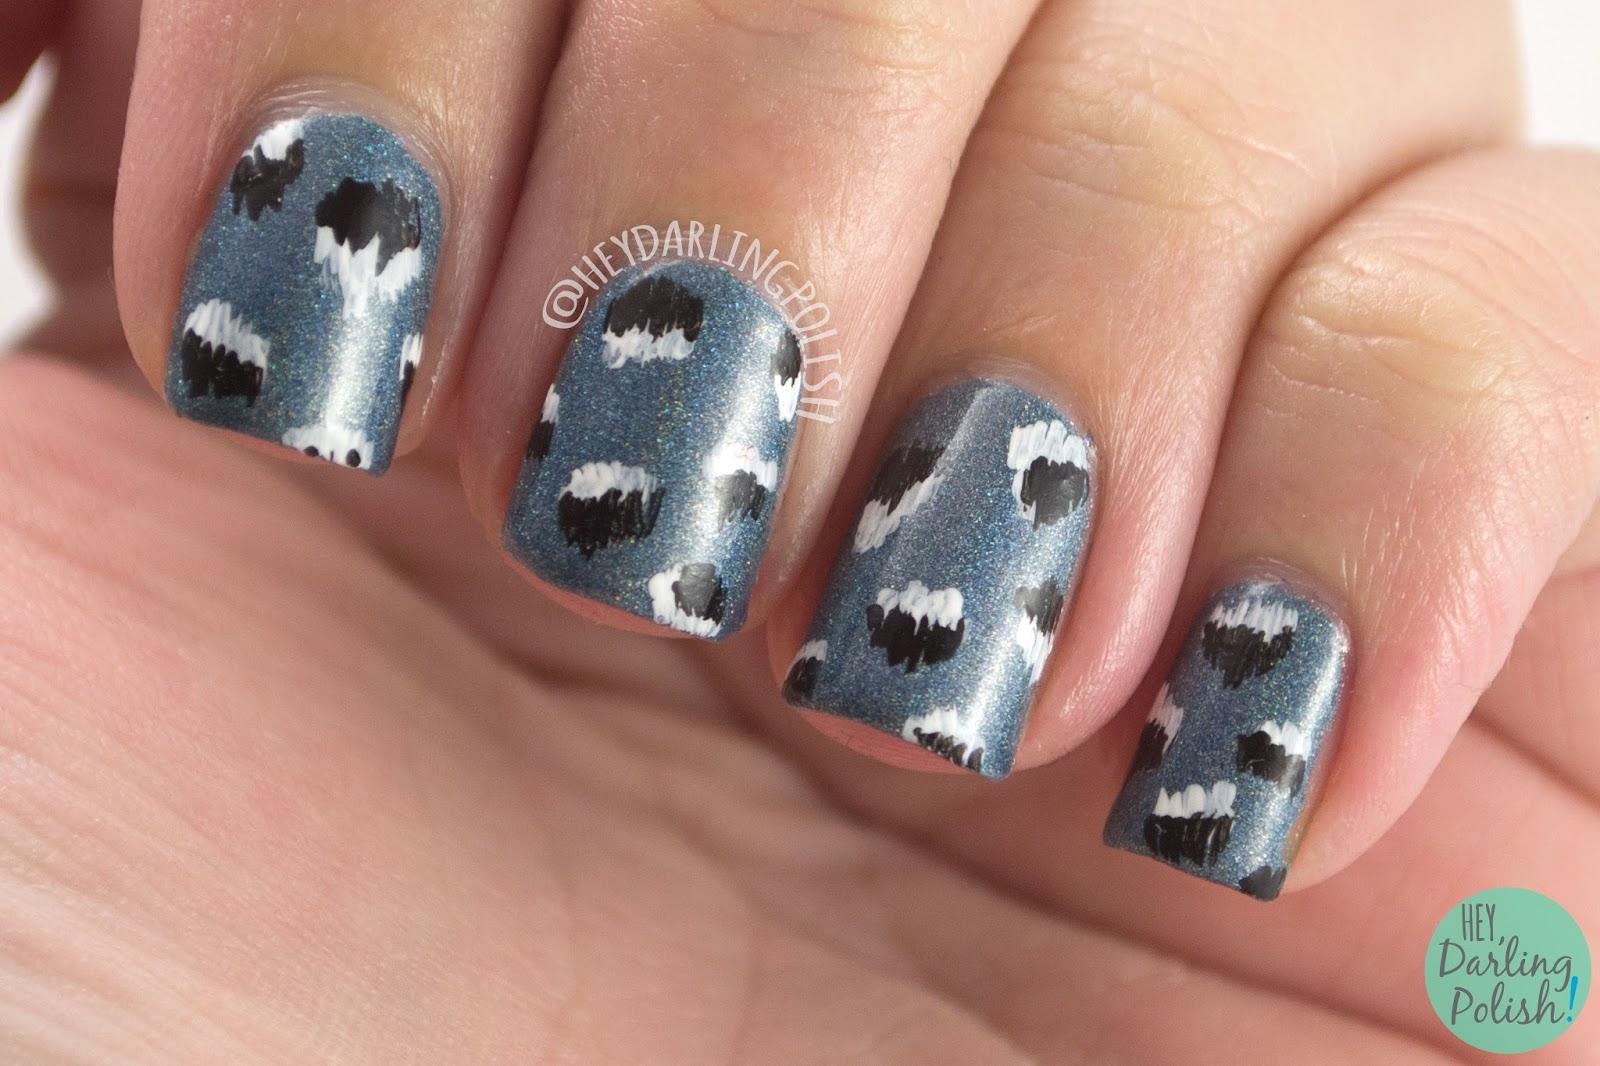 silver willow, blue, silver, holo, pattern, nails, nail art, nail polish, hey darling polish, black dahlia lacquer, indie polish